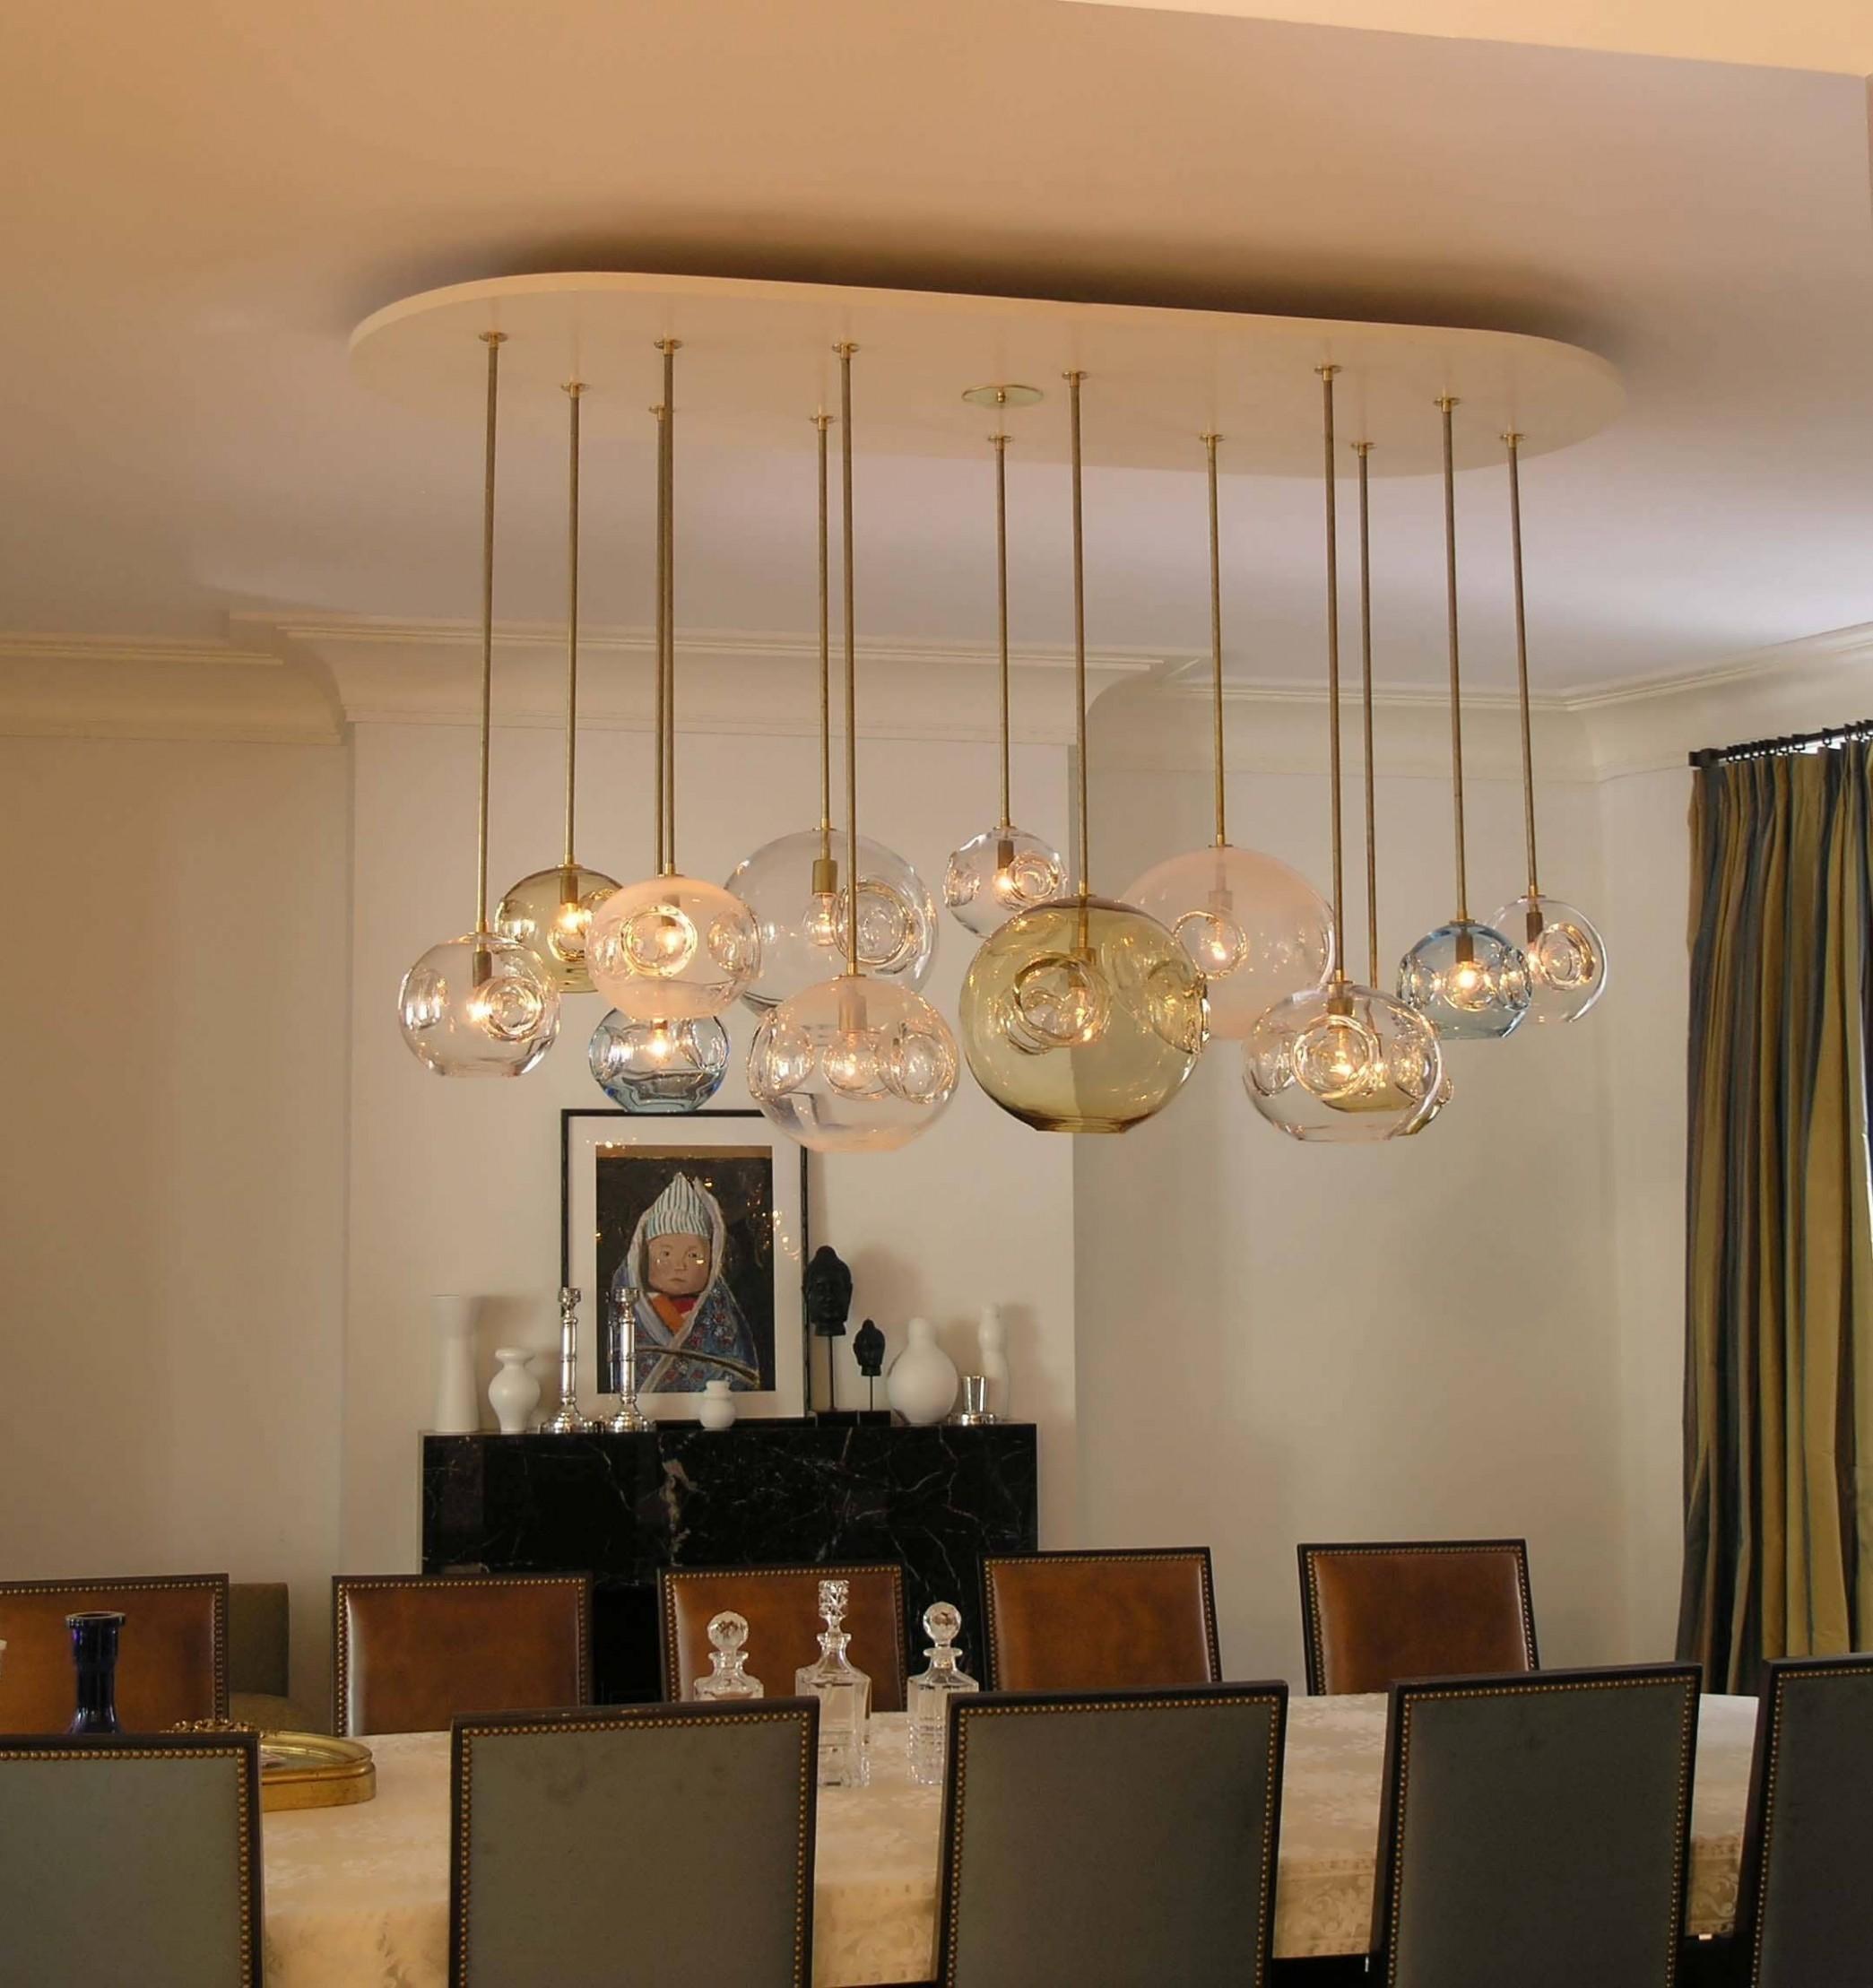 Chandelier:Room Lights Chandeliers Uk Rectangular Light Fixtures  - Dining Room Lighting Ideas Uk